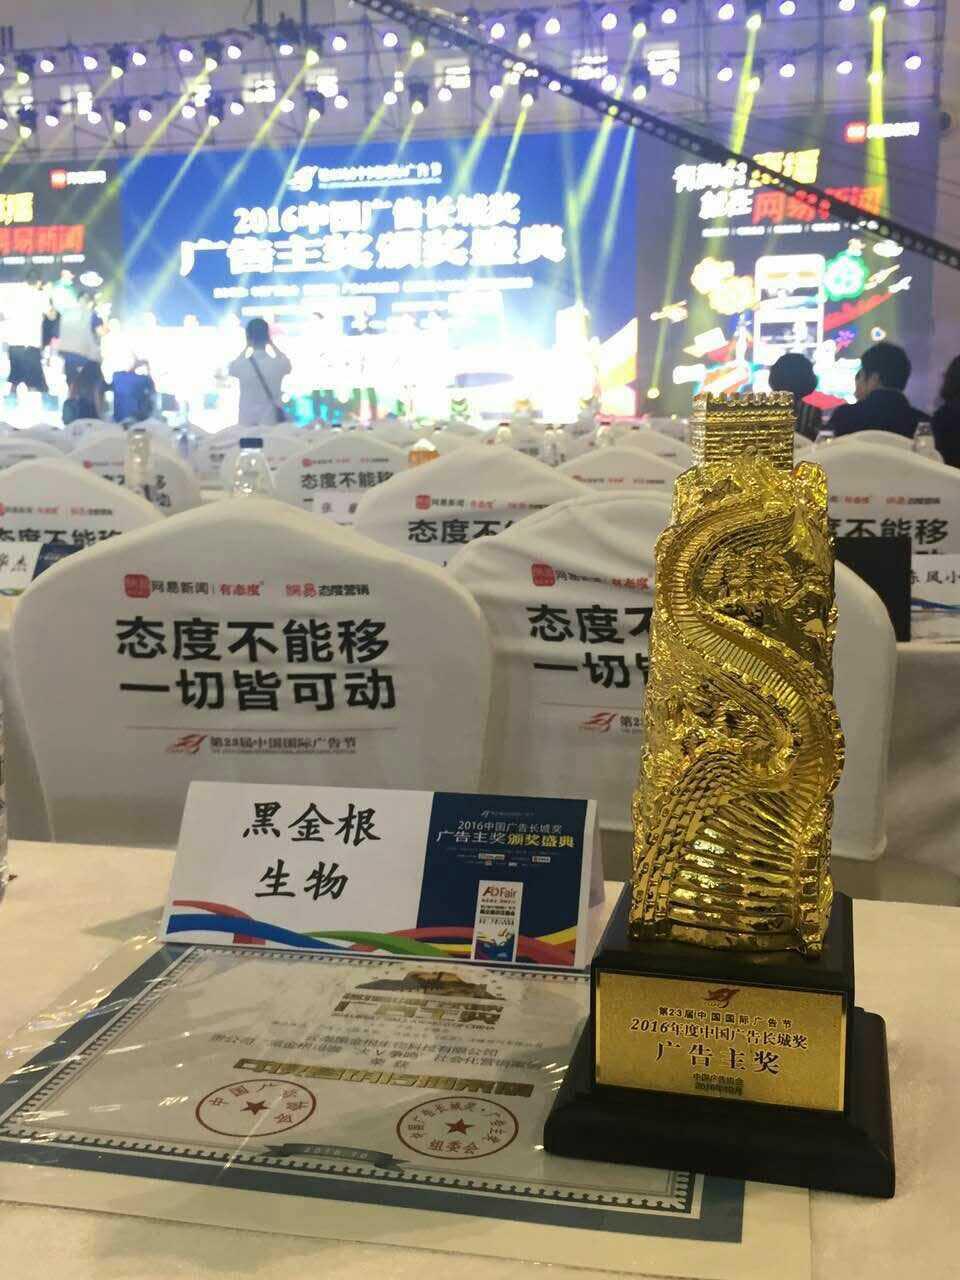 中国国际广告节 �东风小康、黑金根玛咖荣获中国广告长城奖两项大奖!